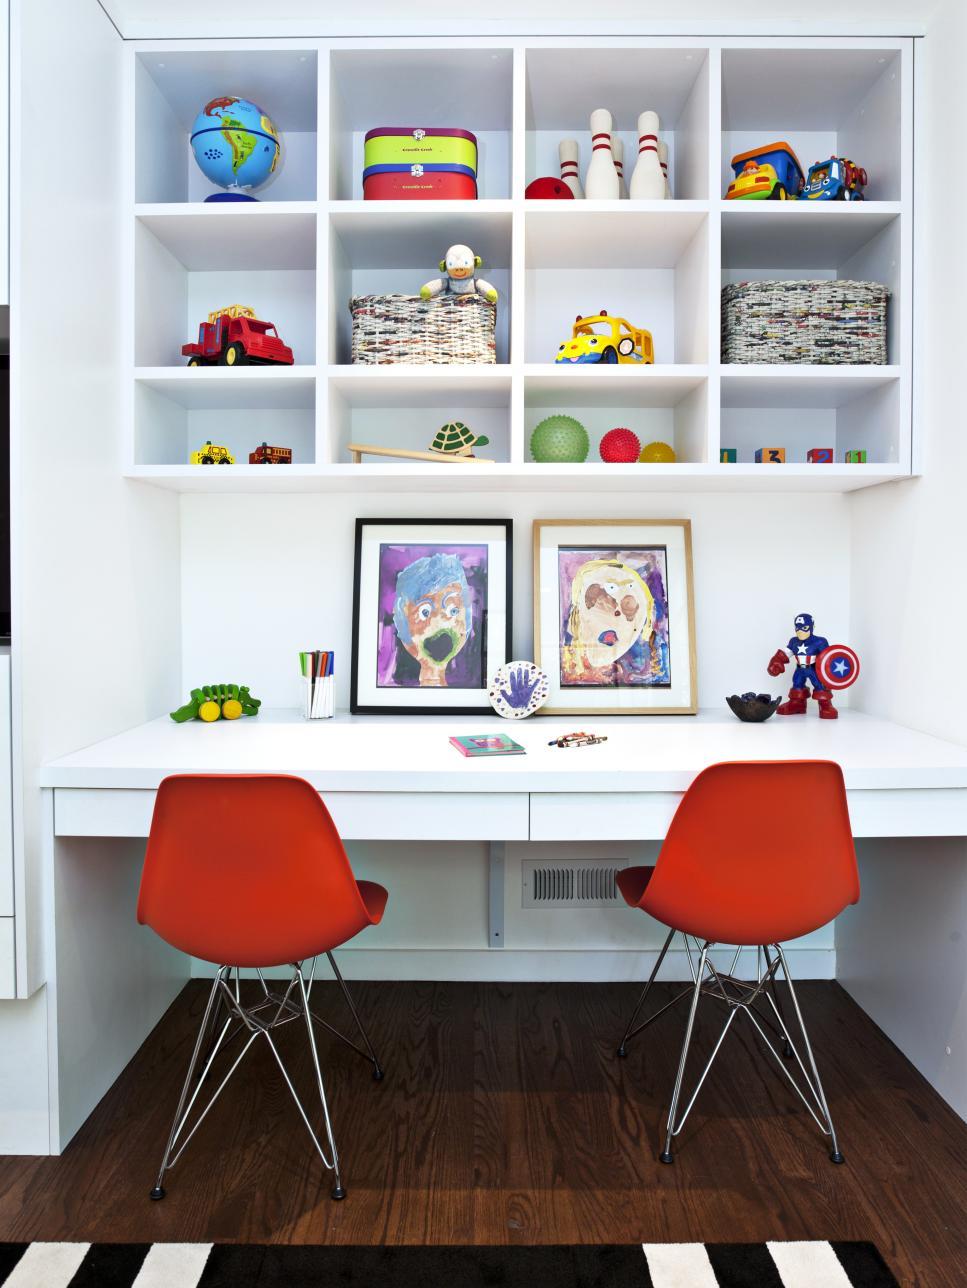 DP_Fiorella-Design-Contemporary-Kids-Room-Shelving_s3x4.jpg.rend.hgtvcom.966.1288